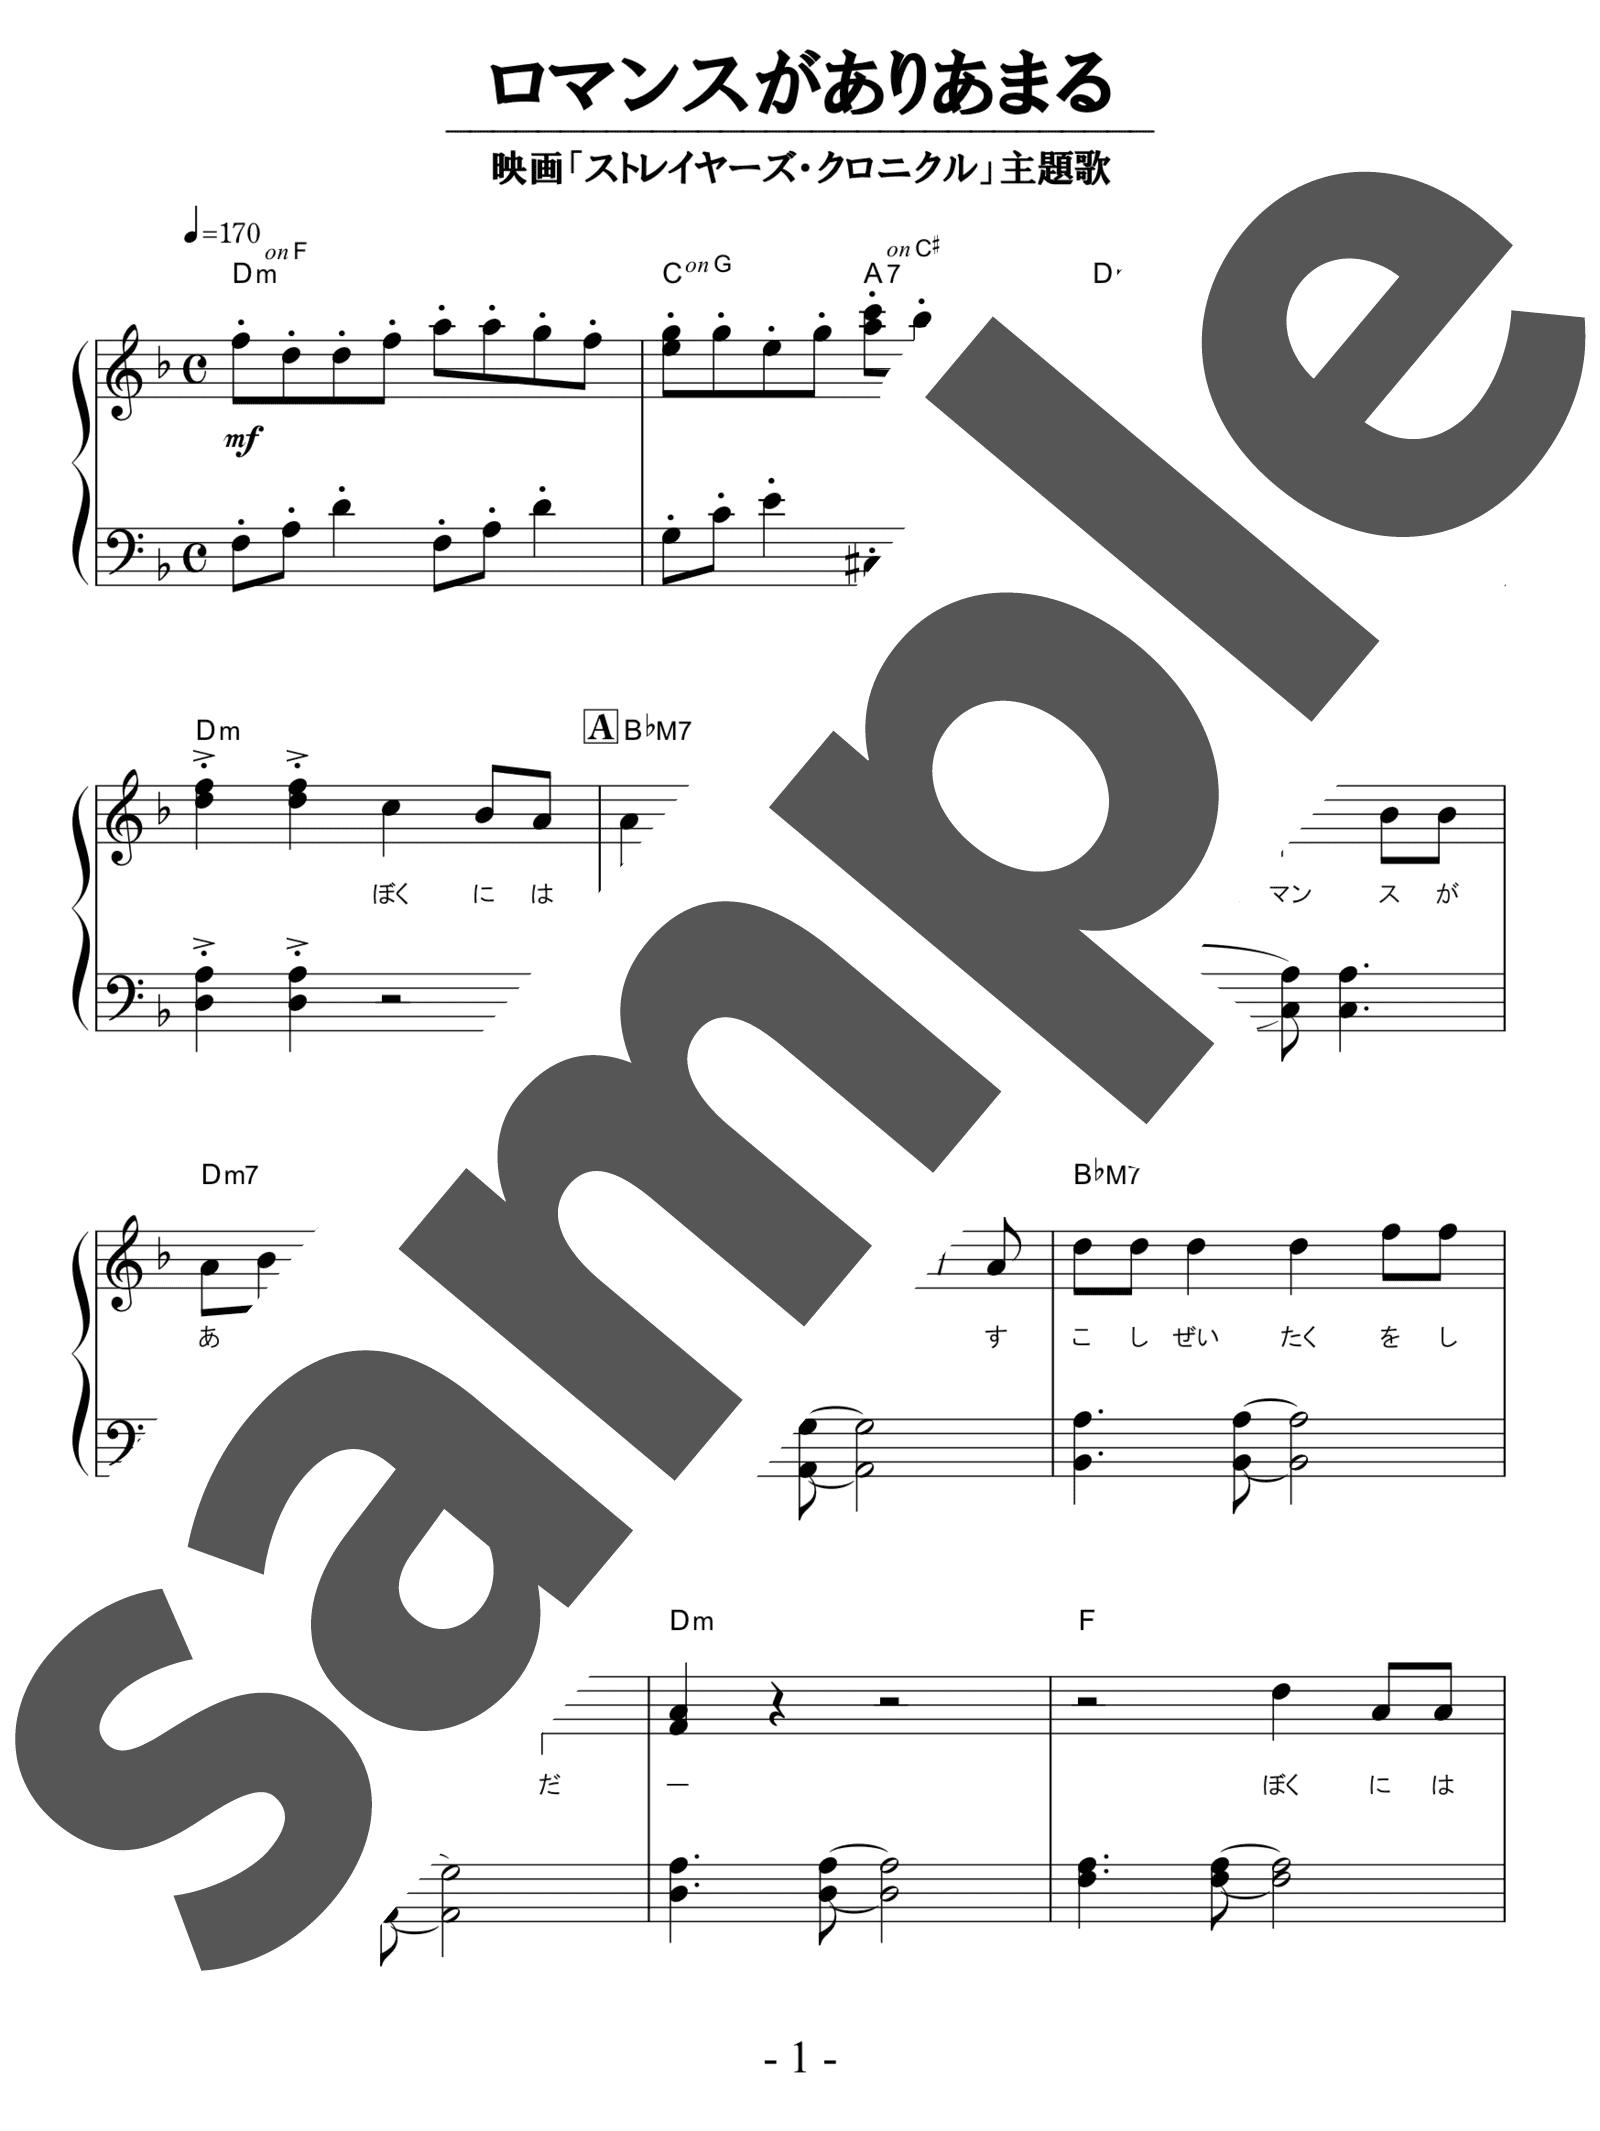 「ロマンスがありあまる」のサンプル楽譜